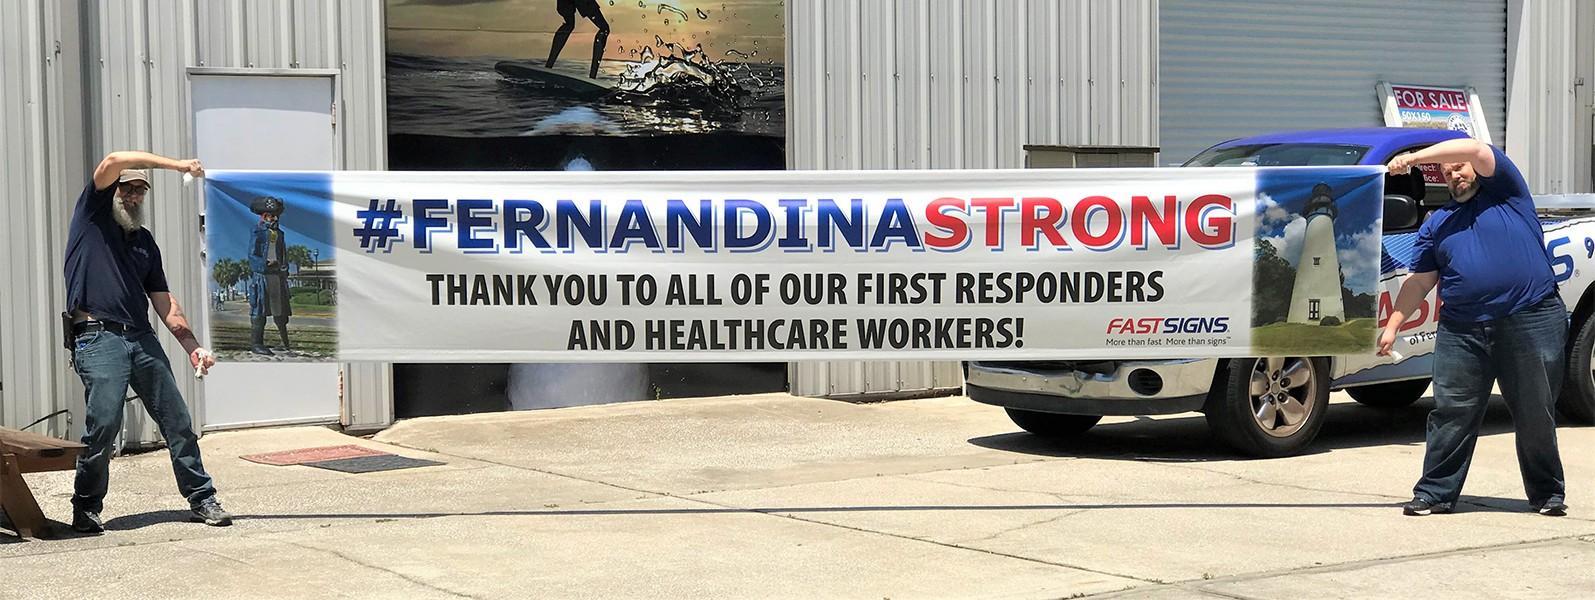 FernandinaStrong1